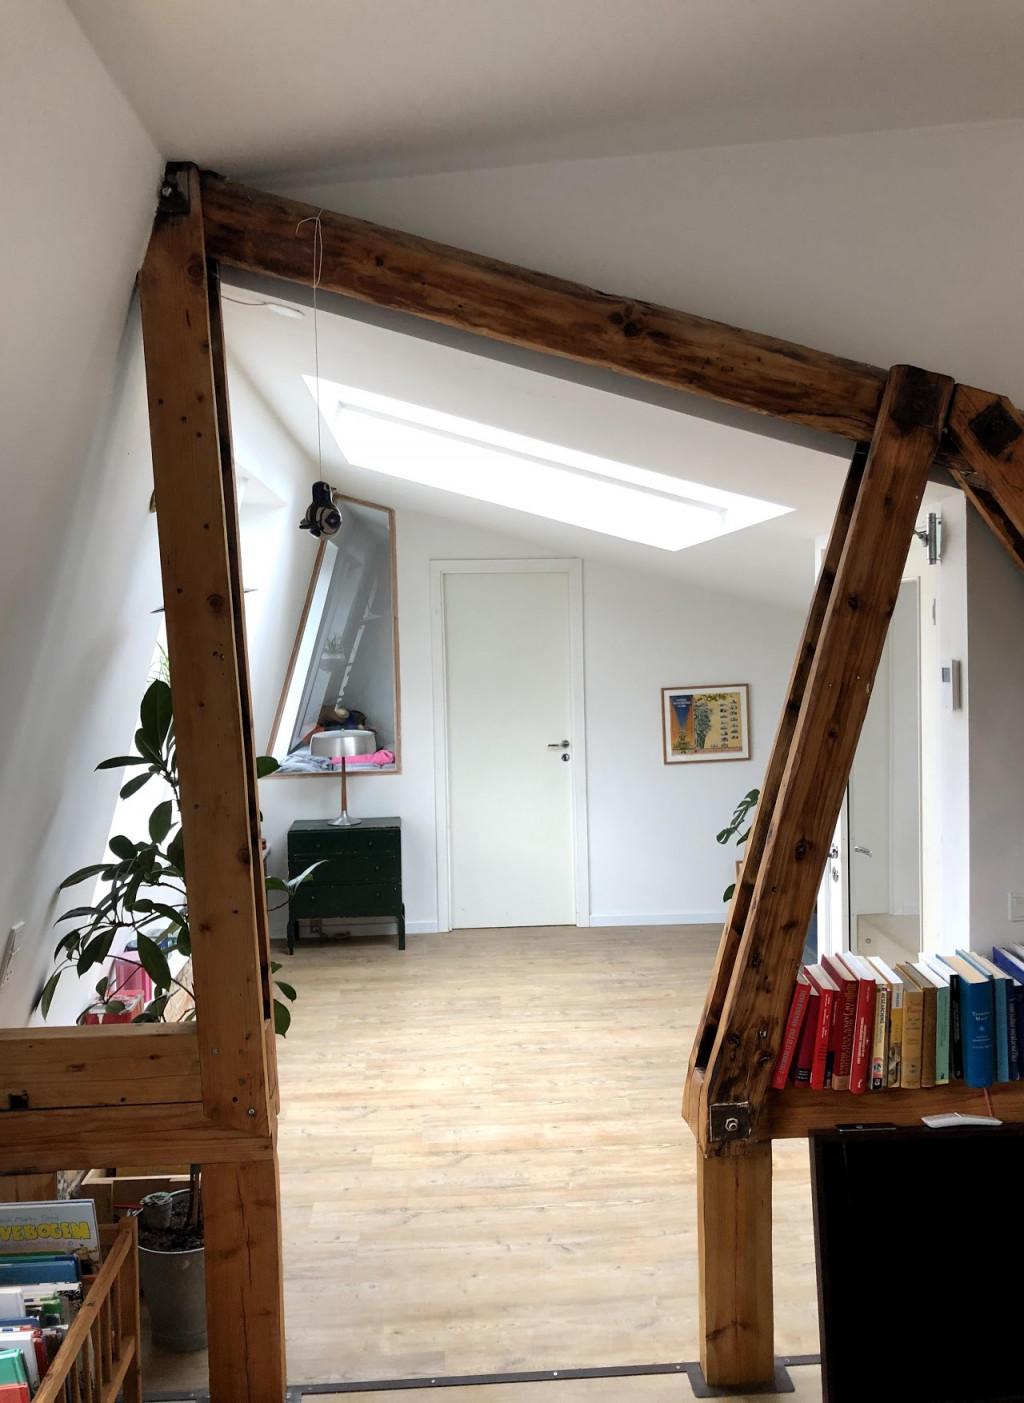 4-5 værelser i Roskildes bedste bofællesskab - AF1QipMuIAvVxp2EyBrKyXfRGK0THsoQwxuaorABkBk0w3024-h4032_e701be58cd10fc2cbe8bbdb16814da22